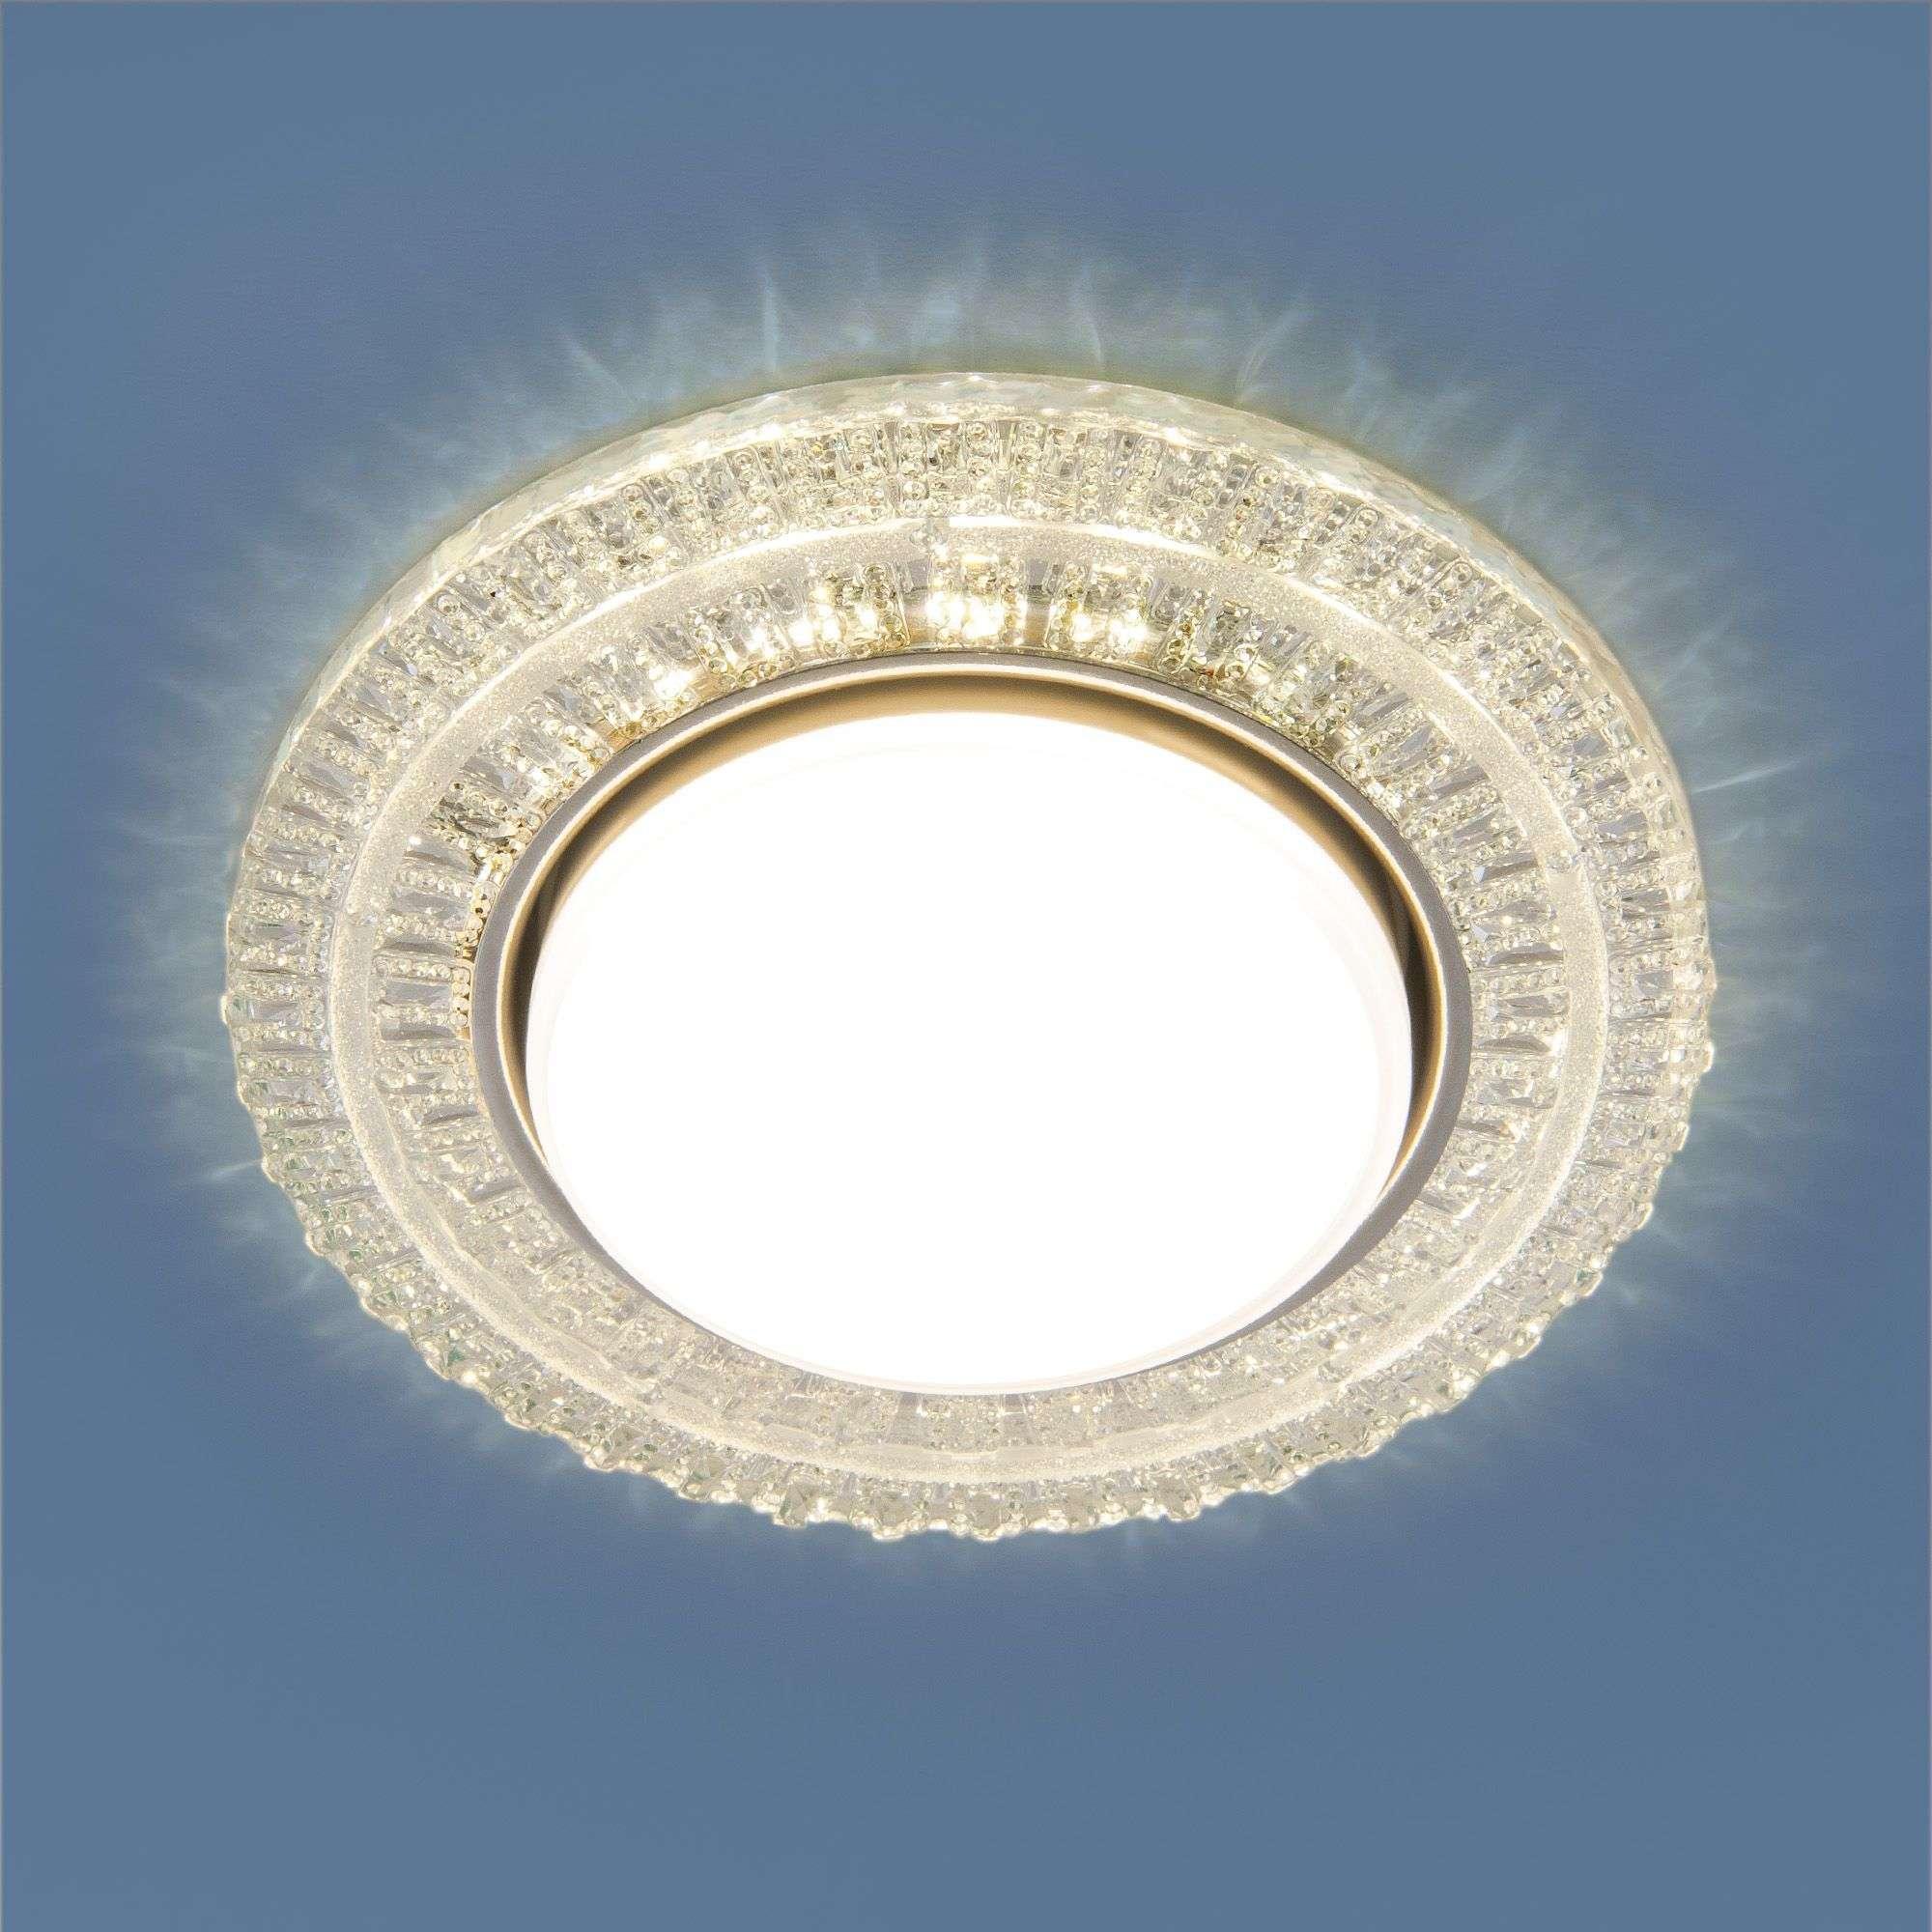 Встраиваемый точечный светильник с LED подсветкой 3028 GX53